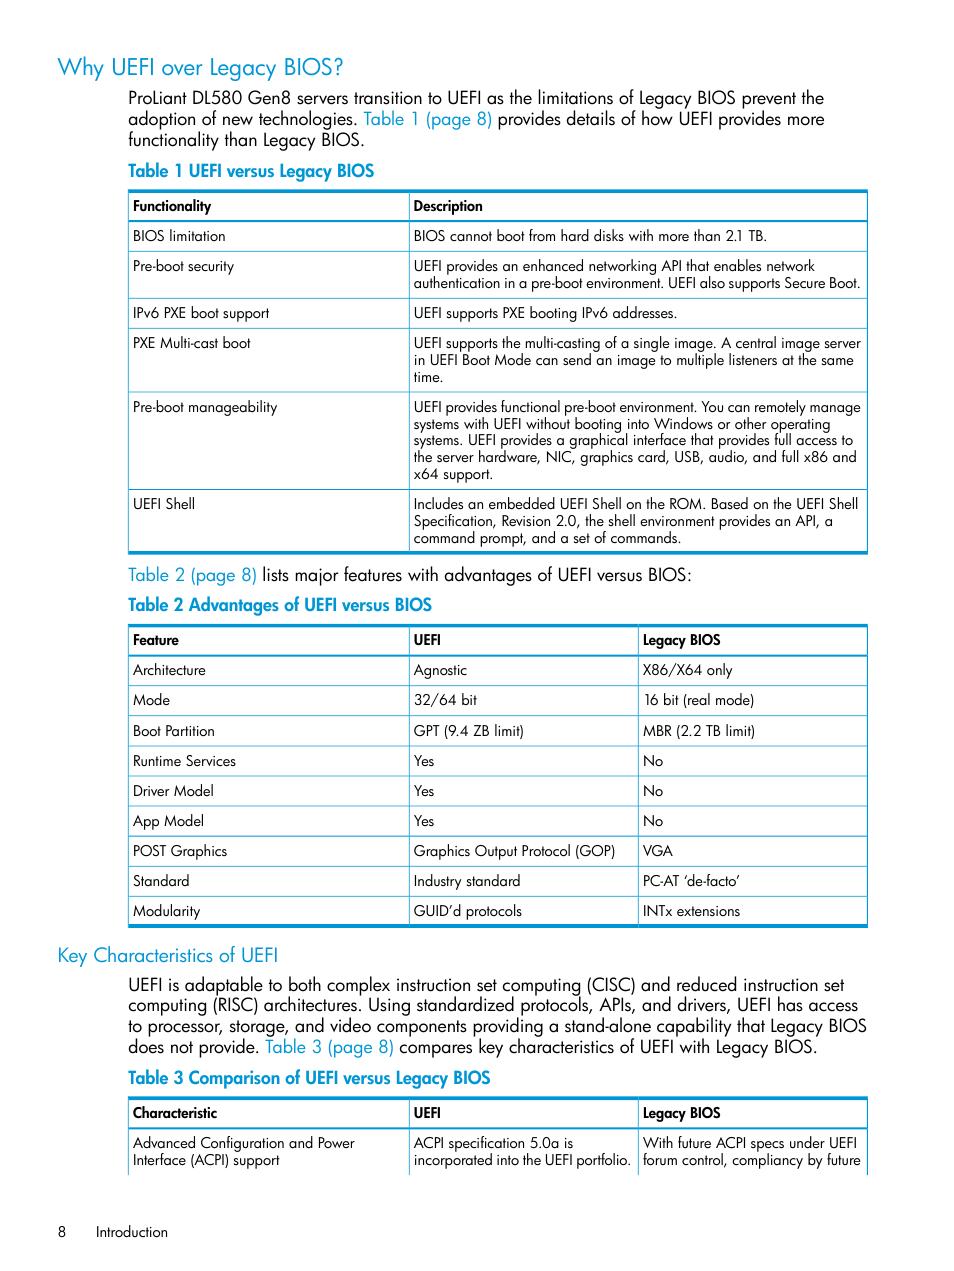 Why uefi over legacy bios, Key characteristics of uefi | HP